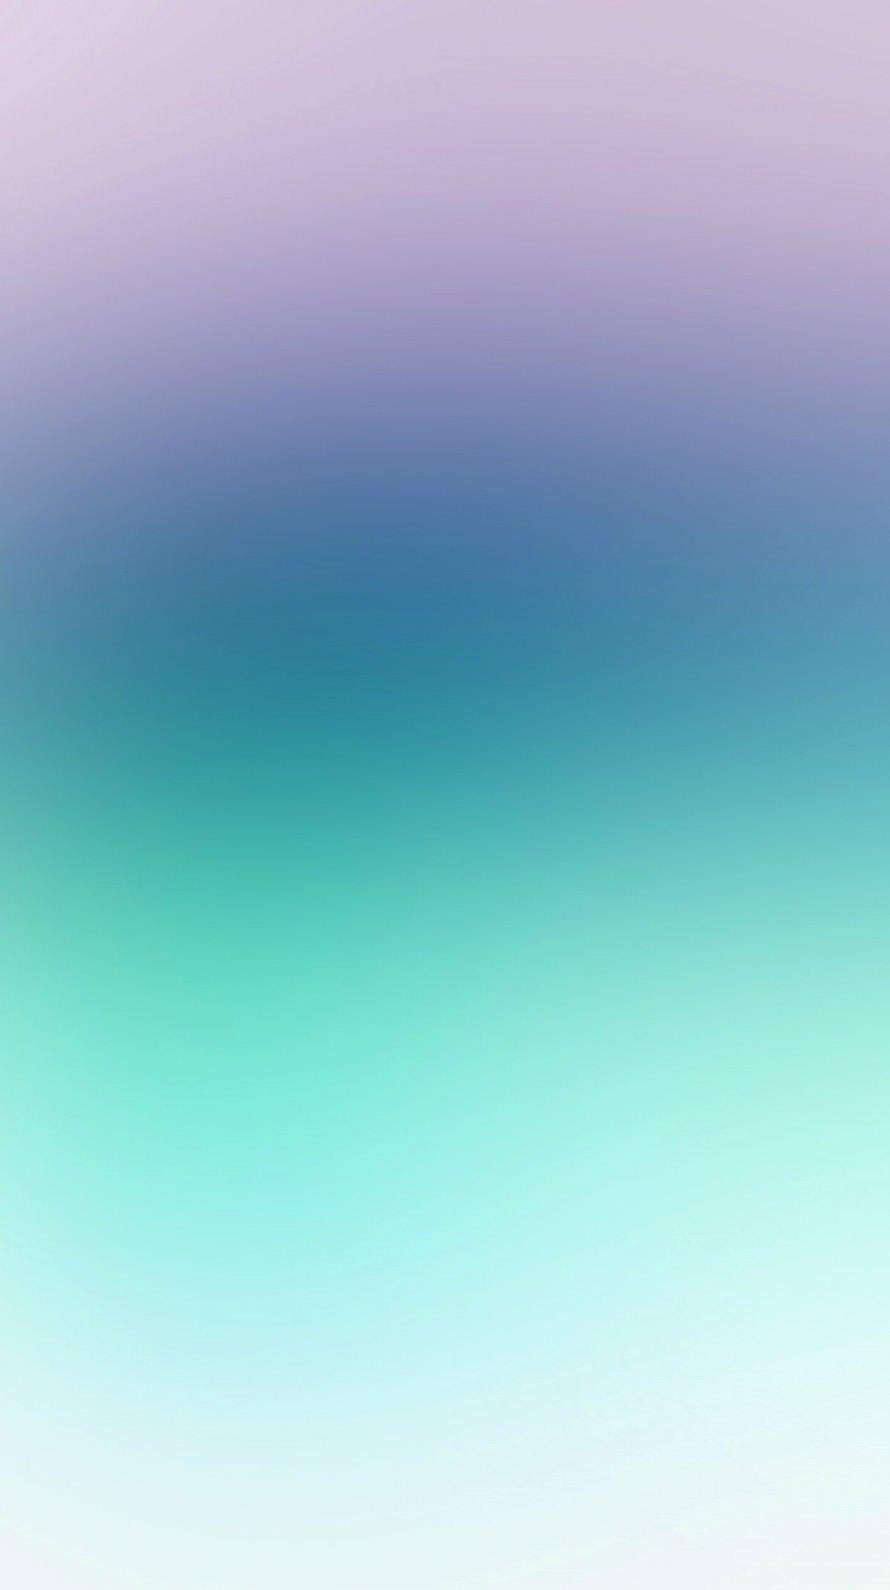 紫と緑の淡いグラデーション iPhone6壁紙